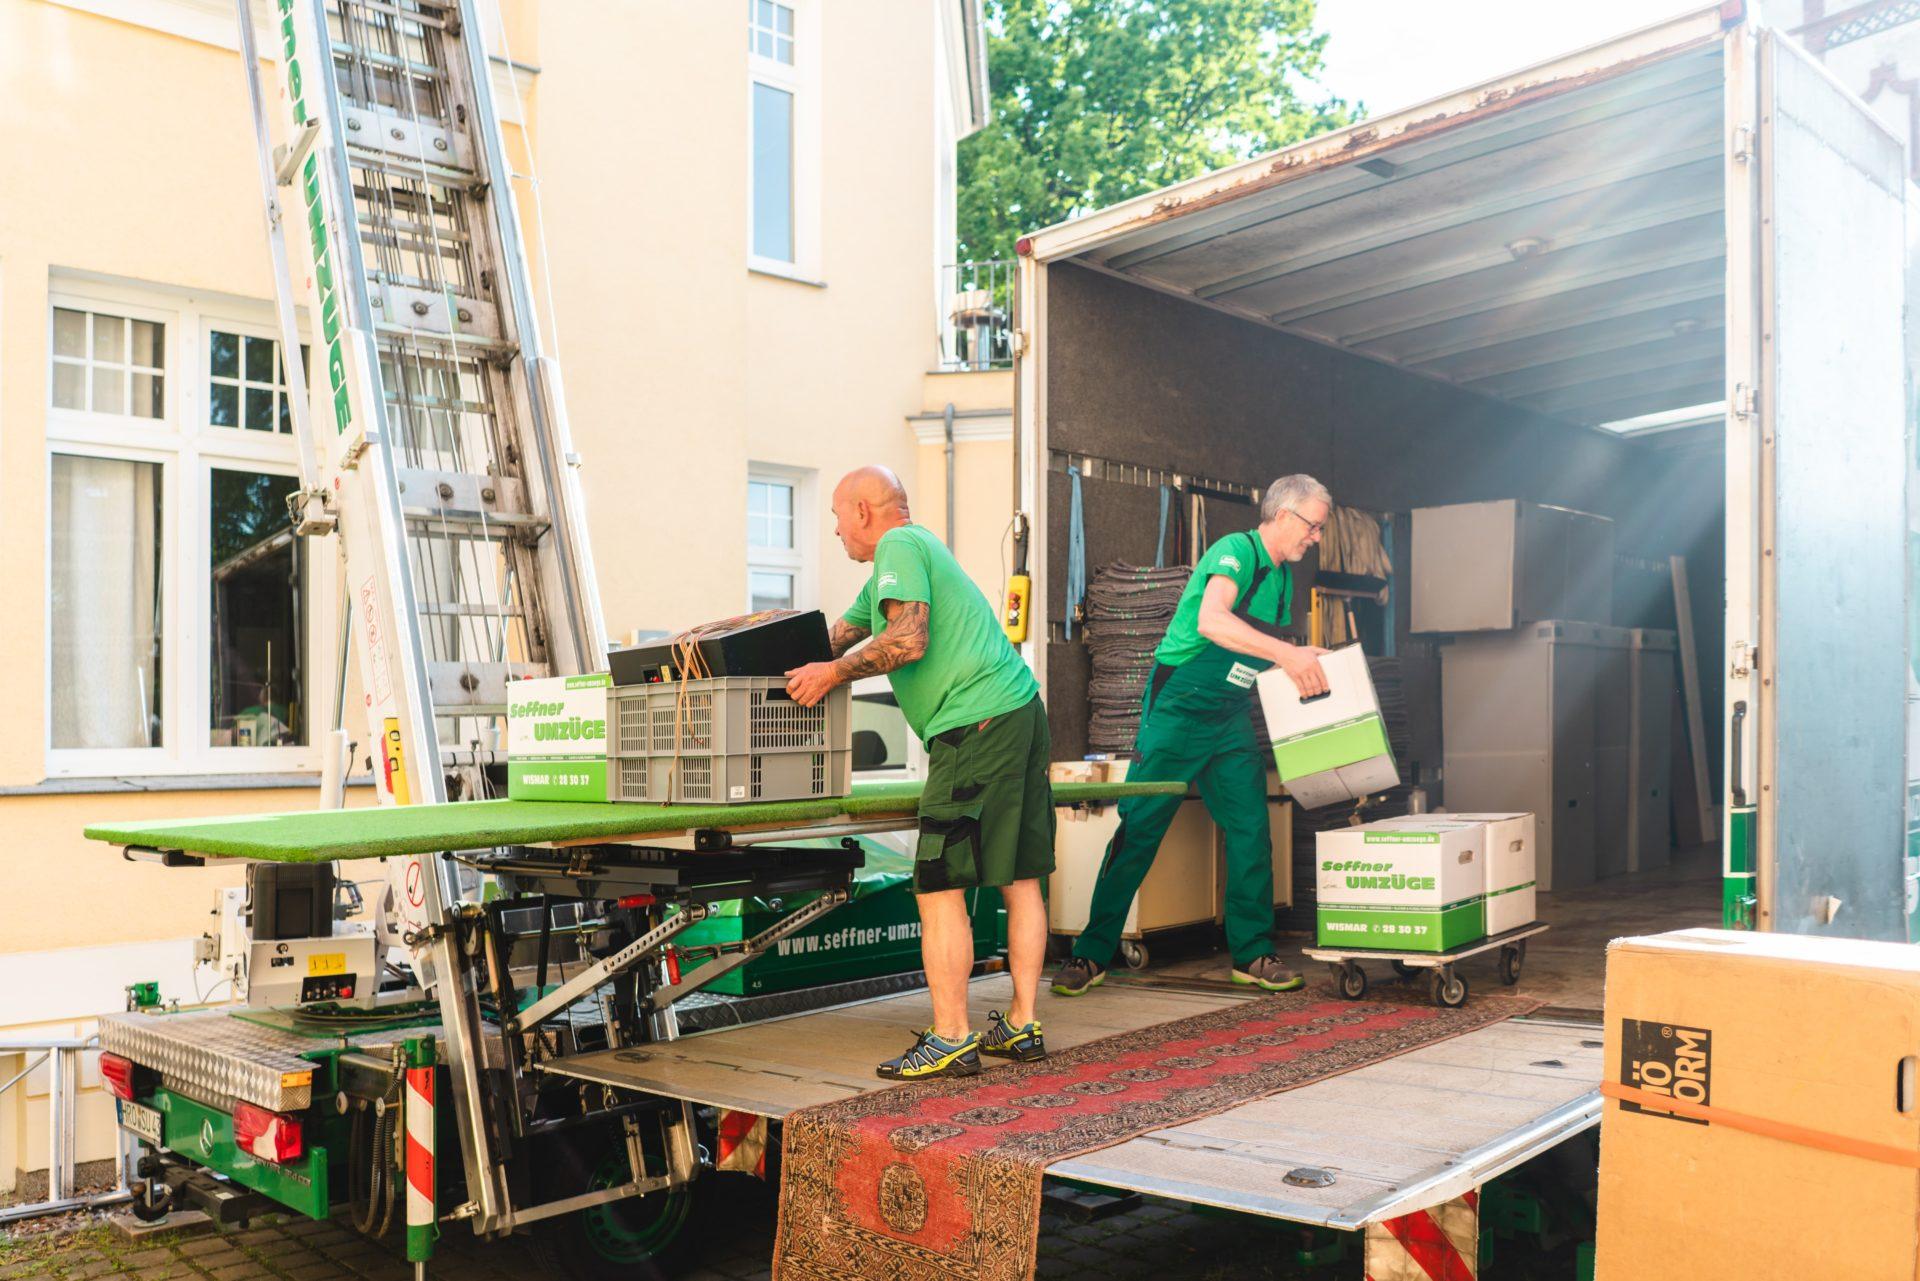 Lagerung von Möbeln im LKW Seffner